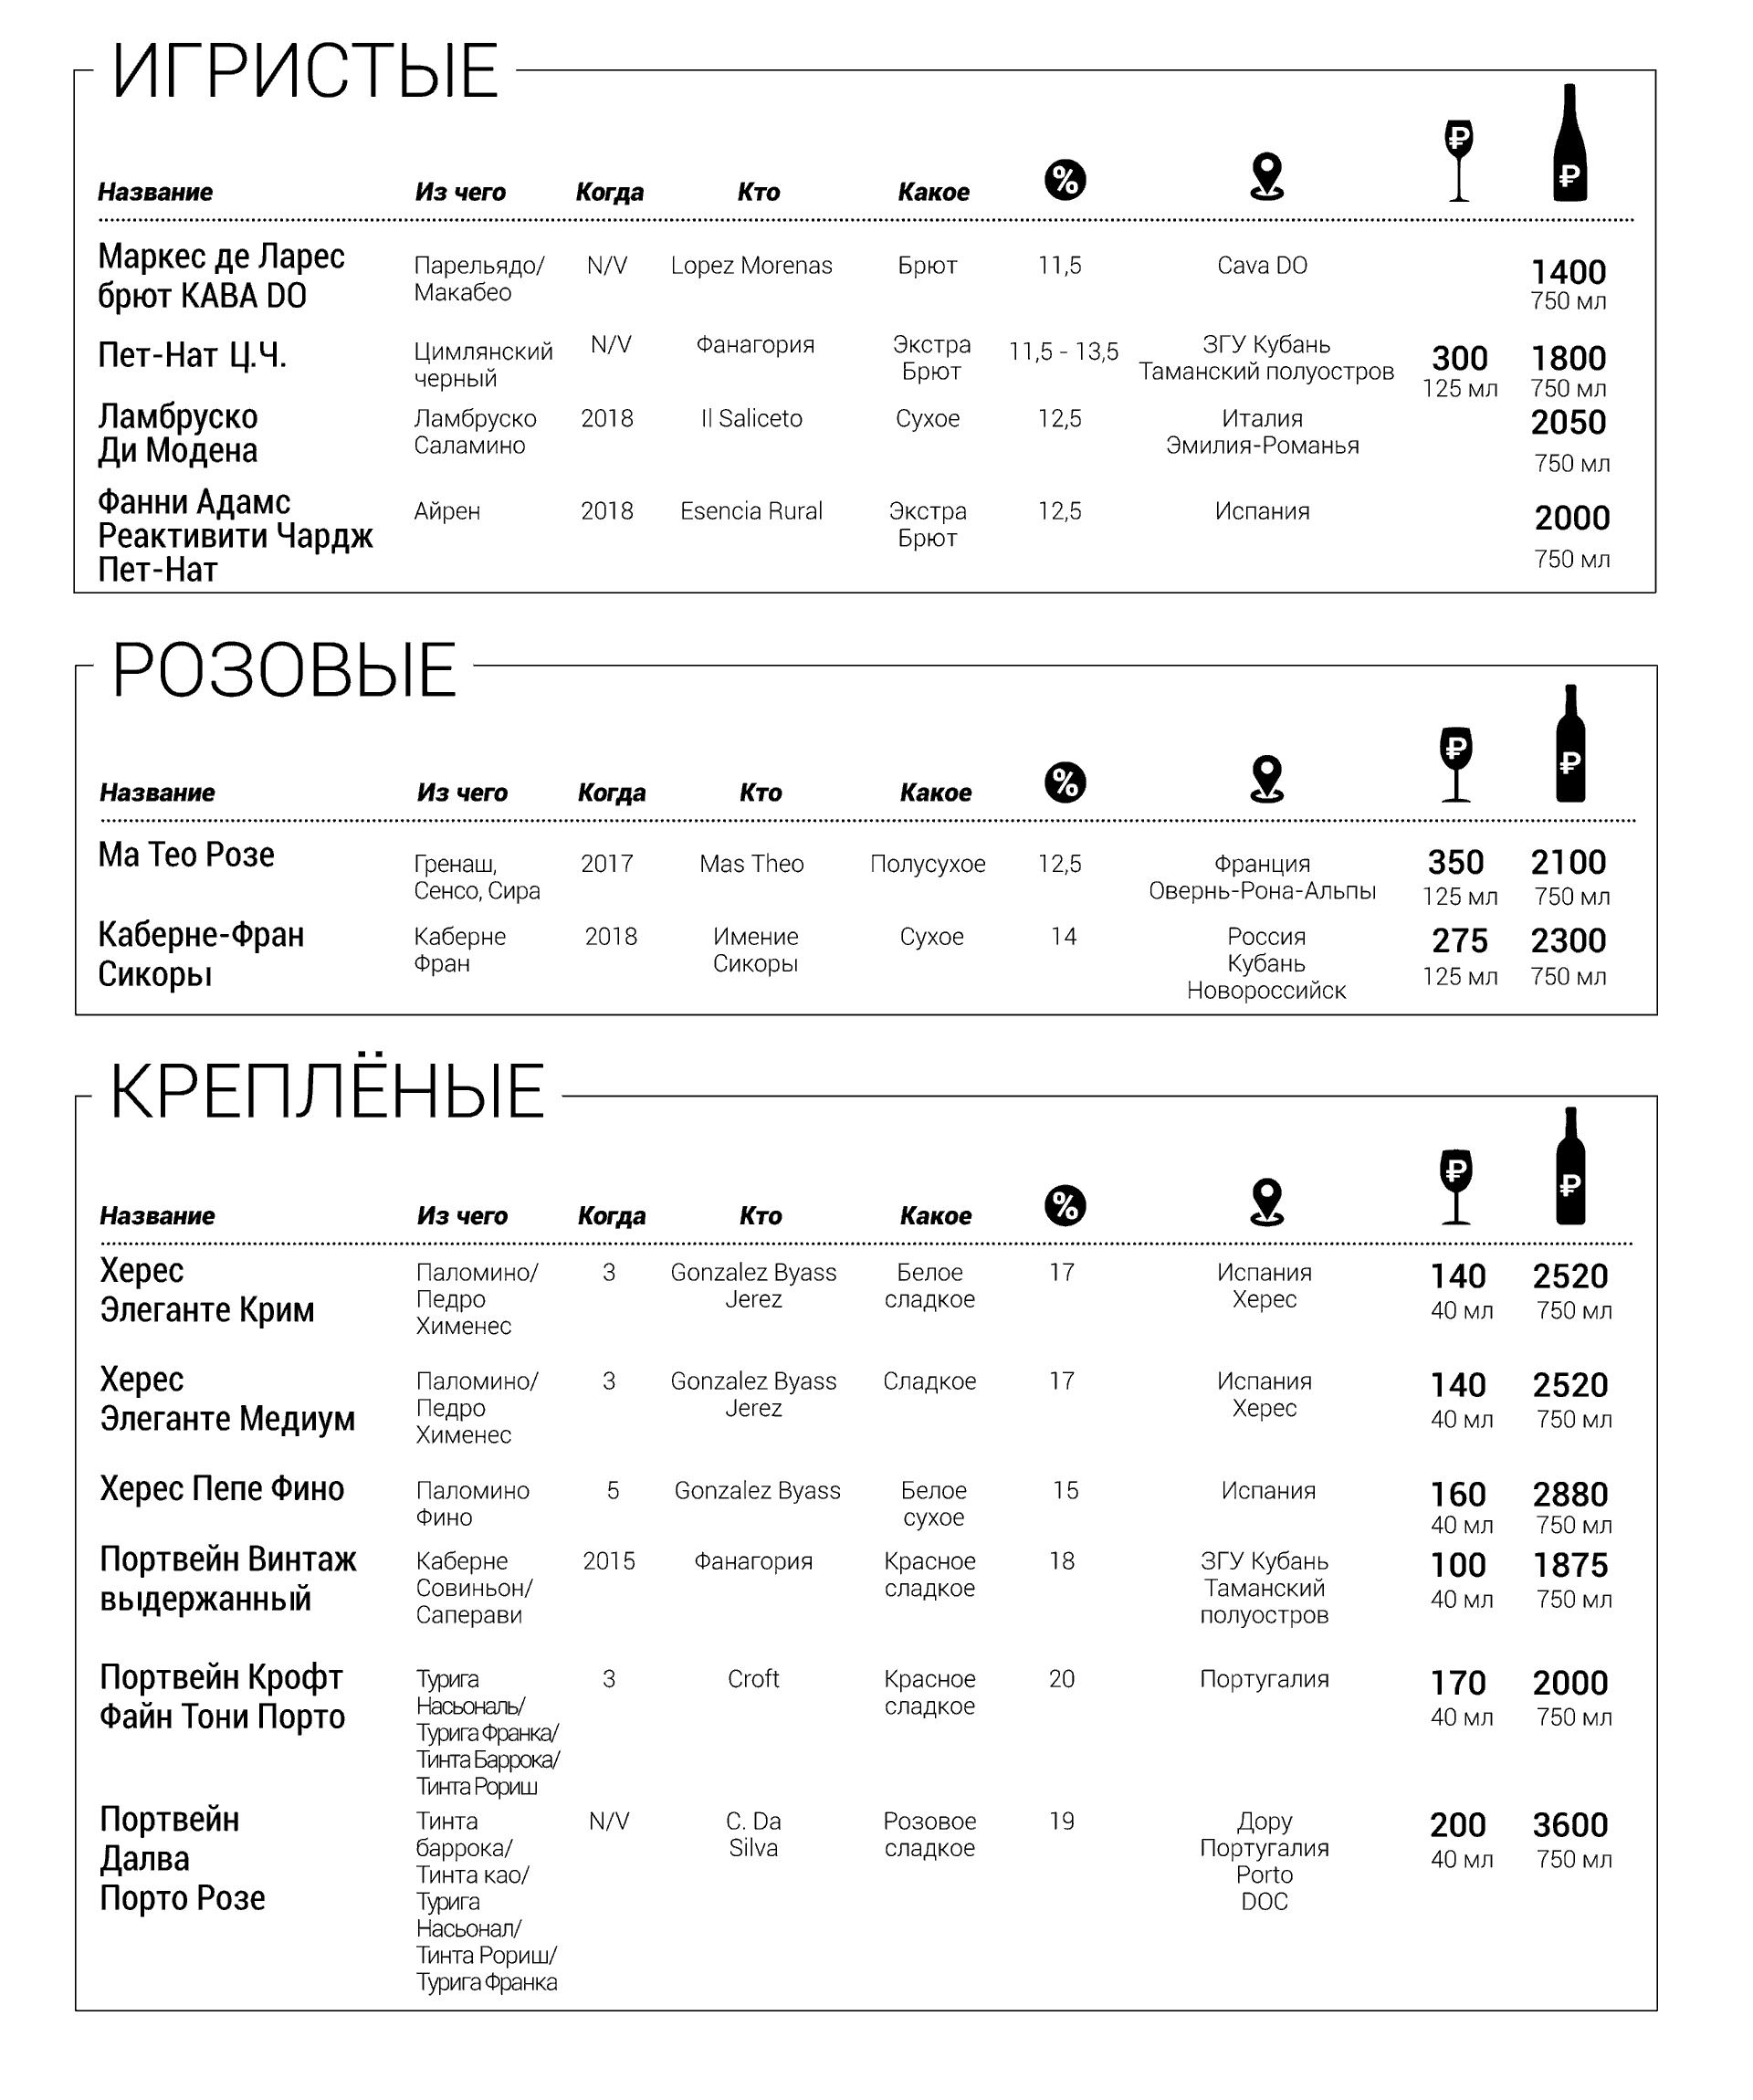 Игристые, десертные и крепленые вина